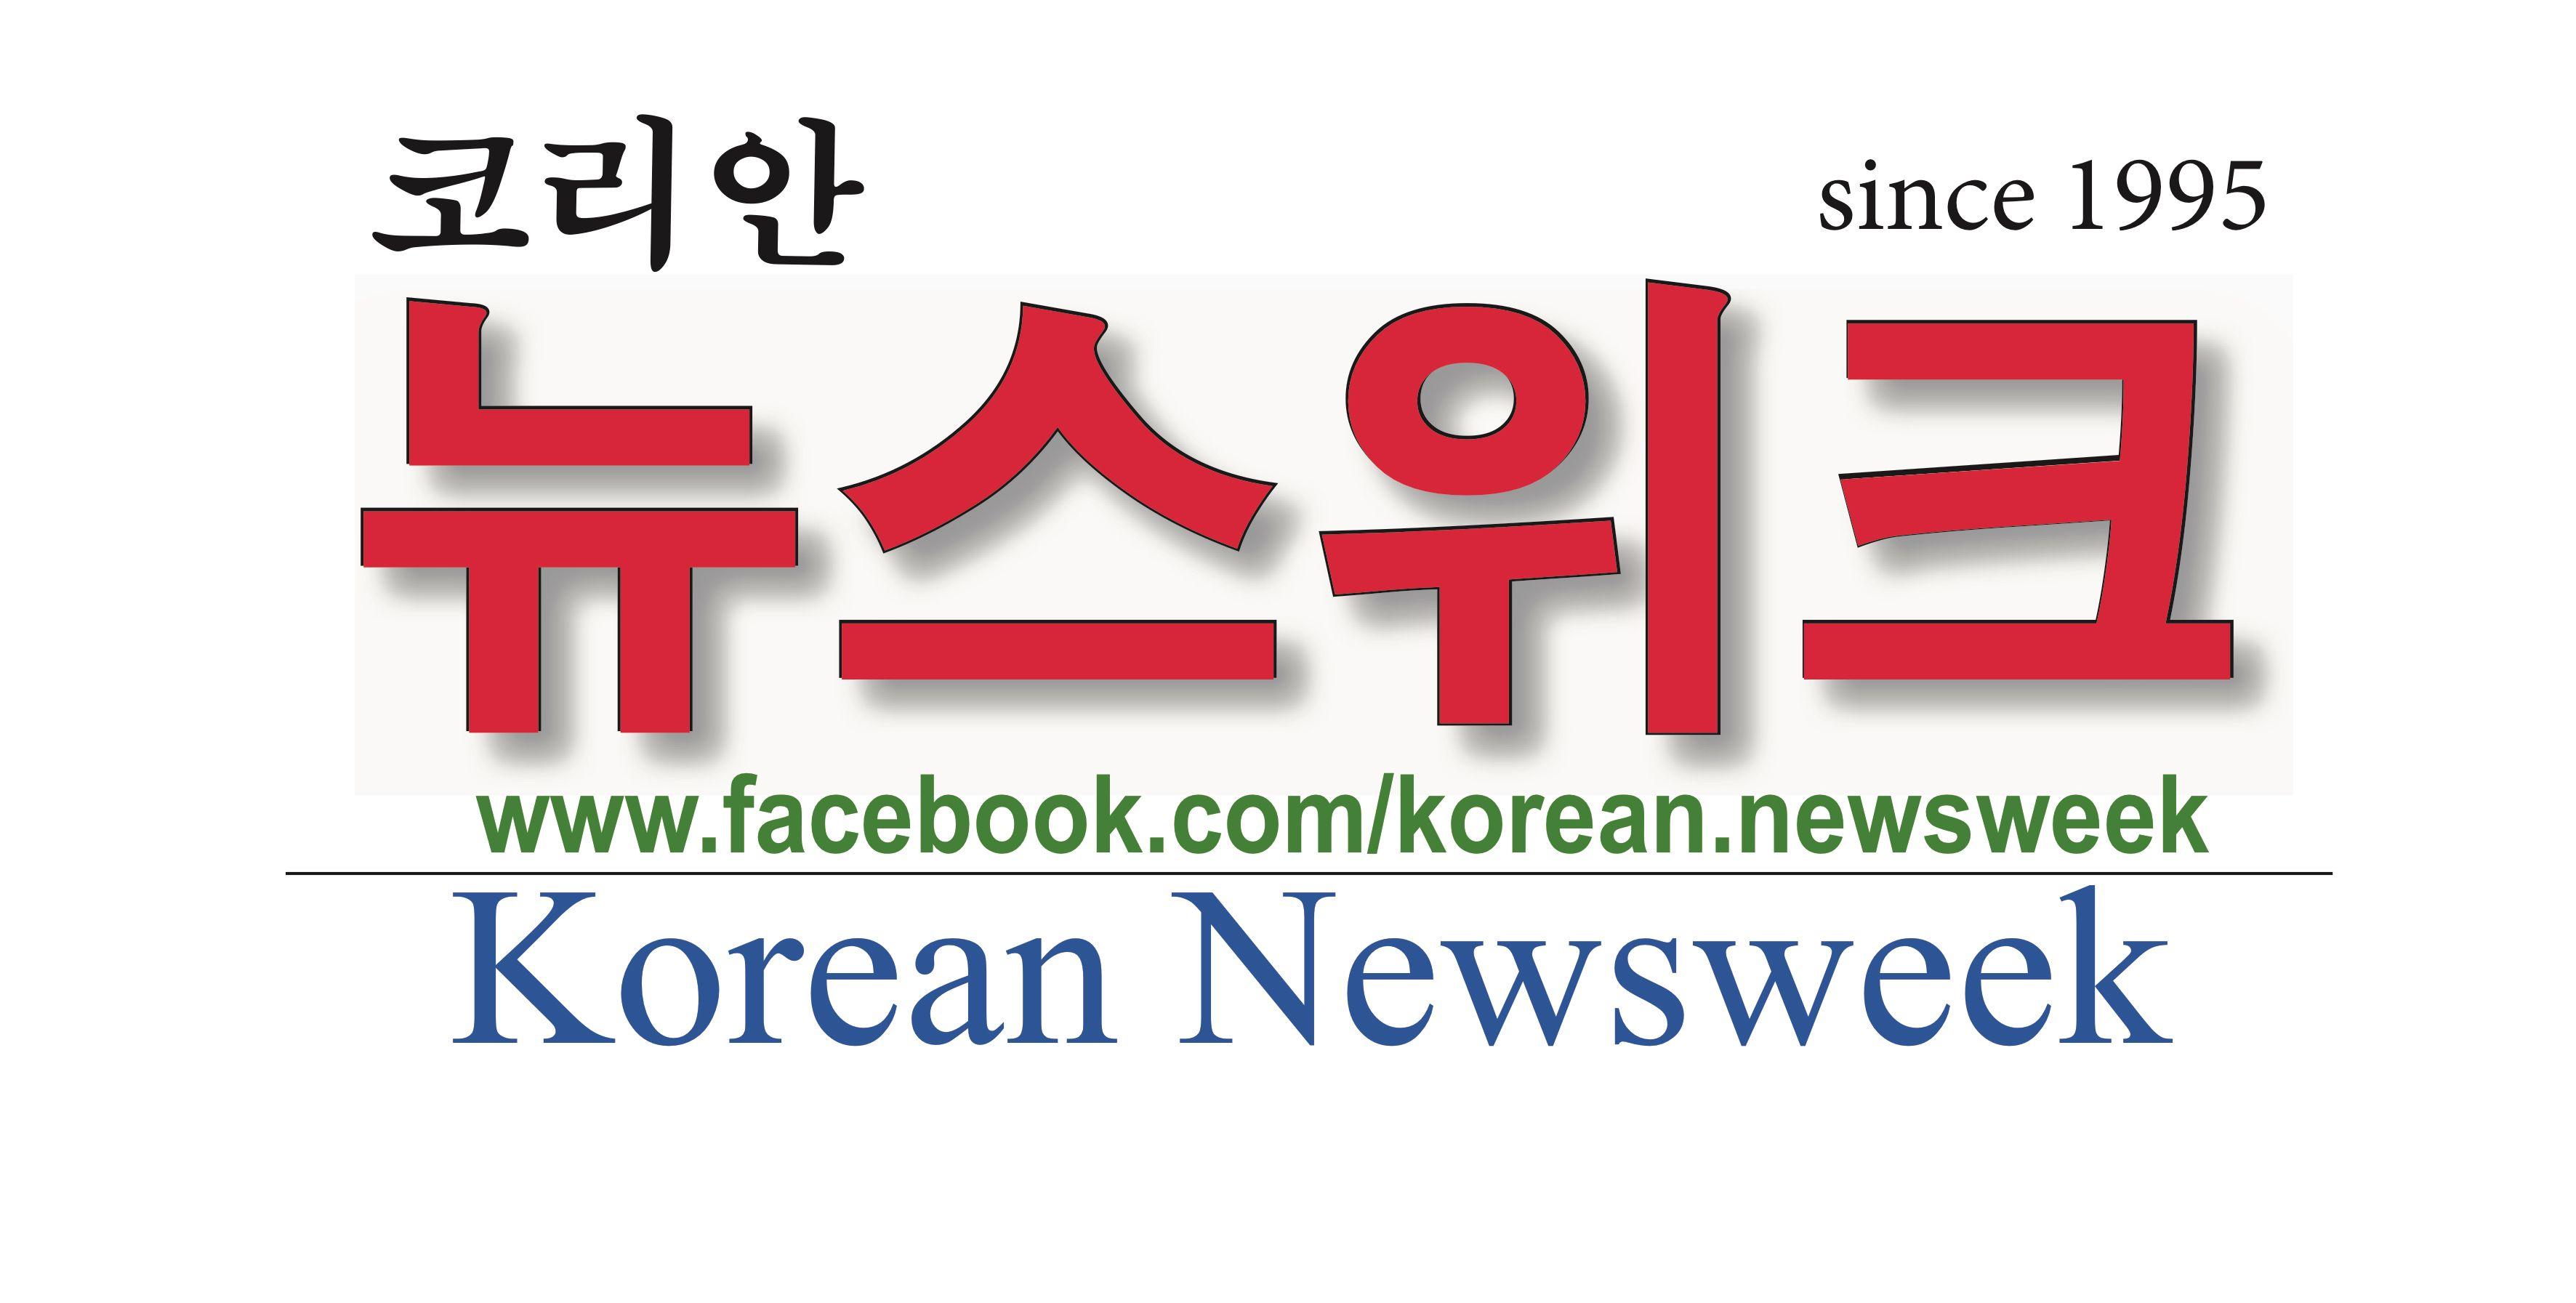 Korean Newsweek (코리안 누스위크)